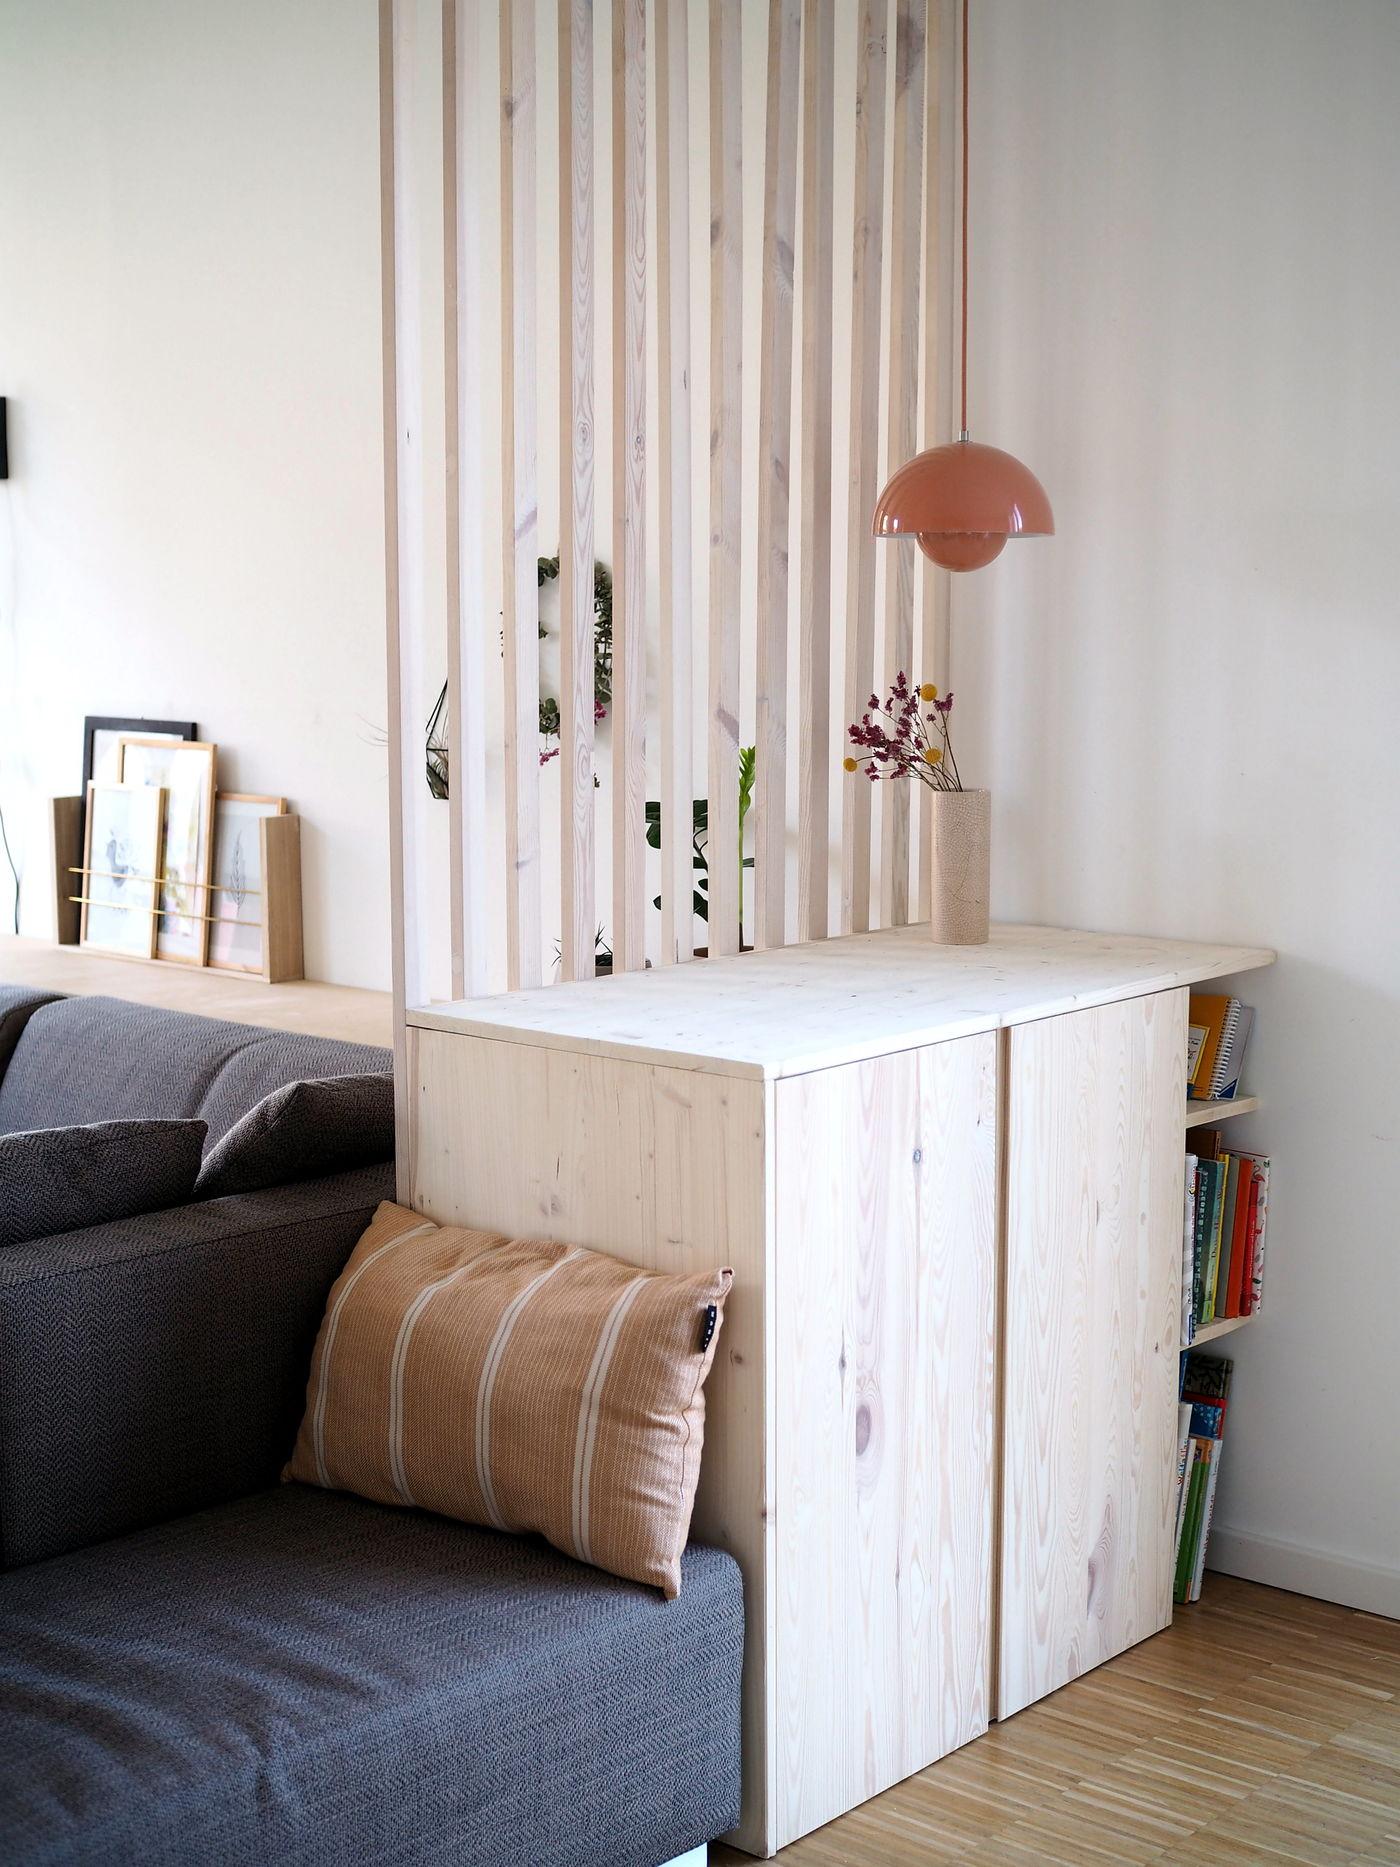 Full Size of Raumteiler Ikea Ideen Fr Und Raumtrenner Regal Küche Kosten Miniküche Betten 160x200 Bei Sofa Mit Schlaffunktion Modulküche Kaufen Wohnzimmer Raumteiler Ikea